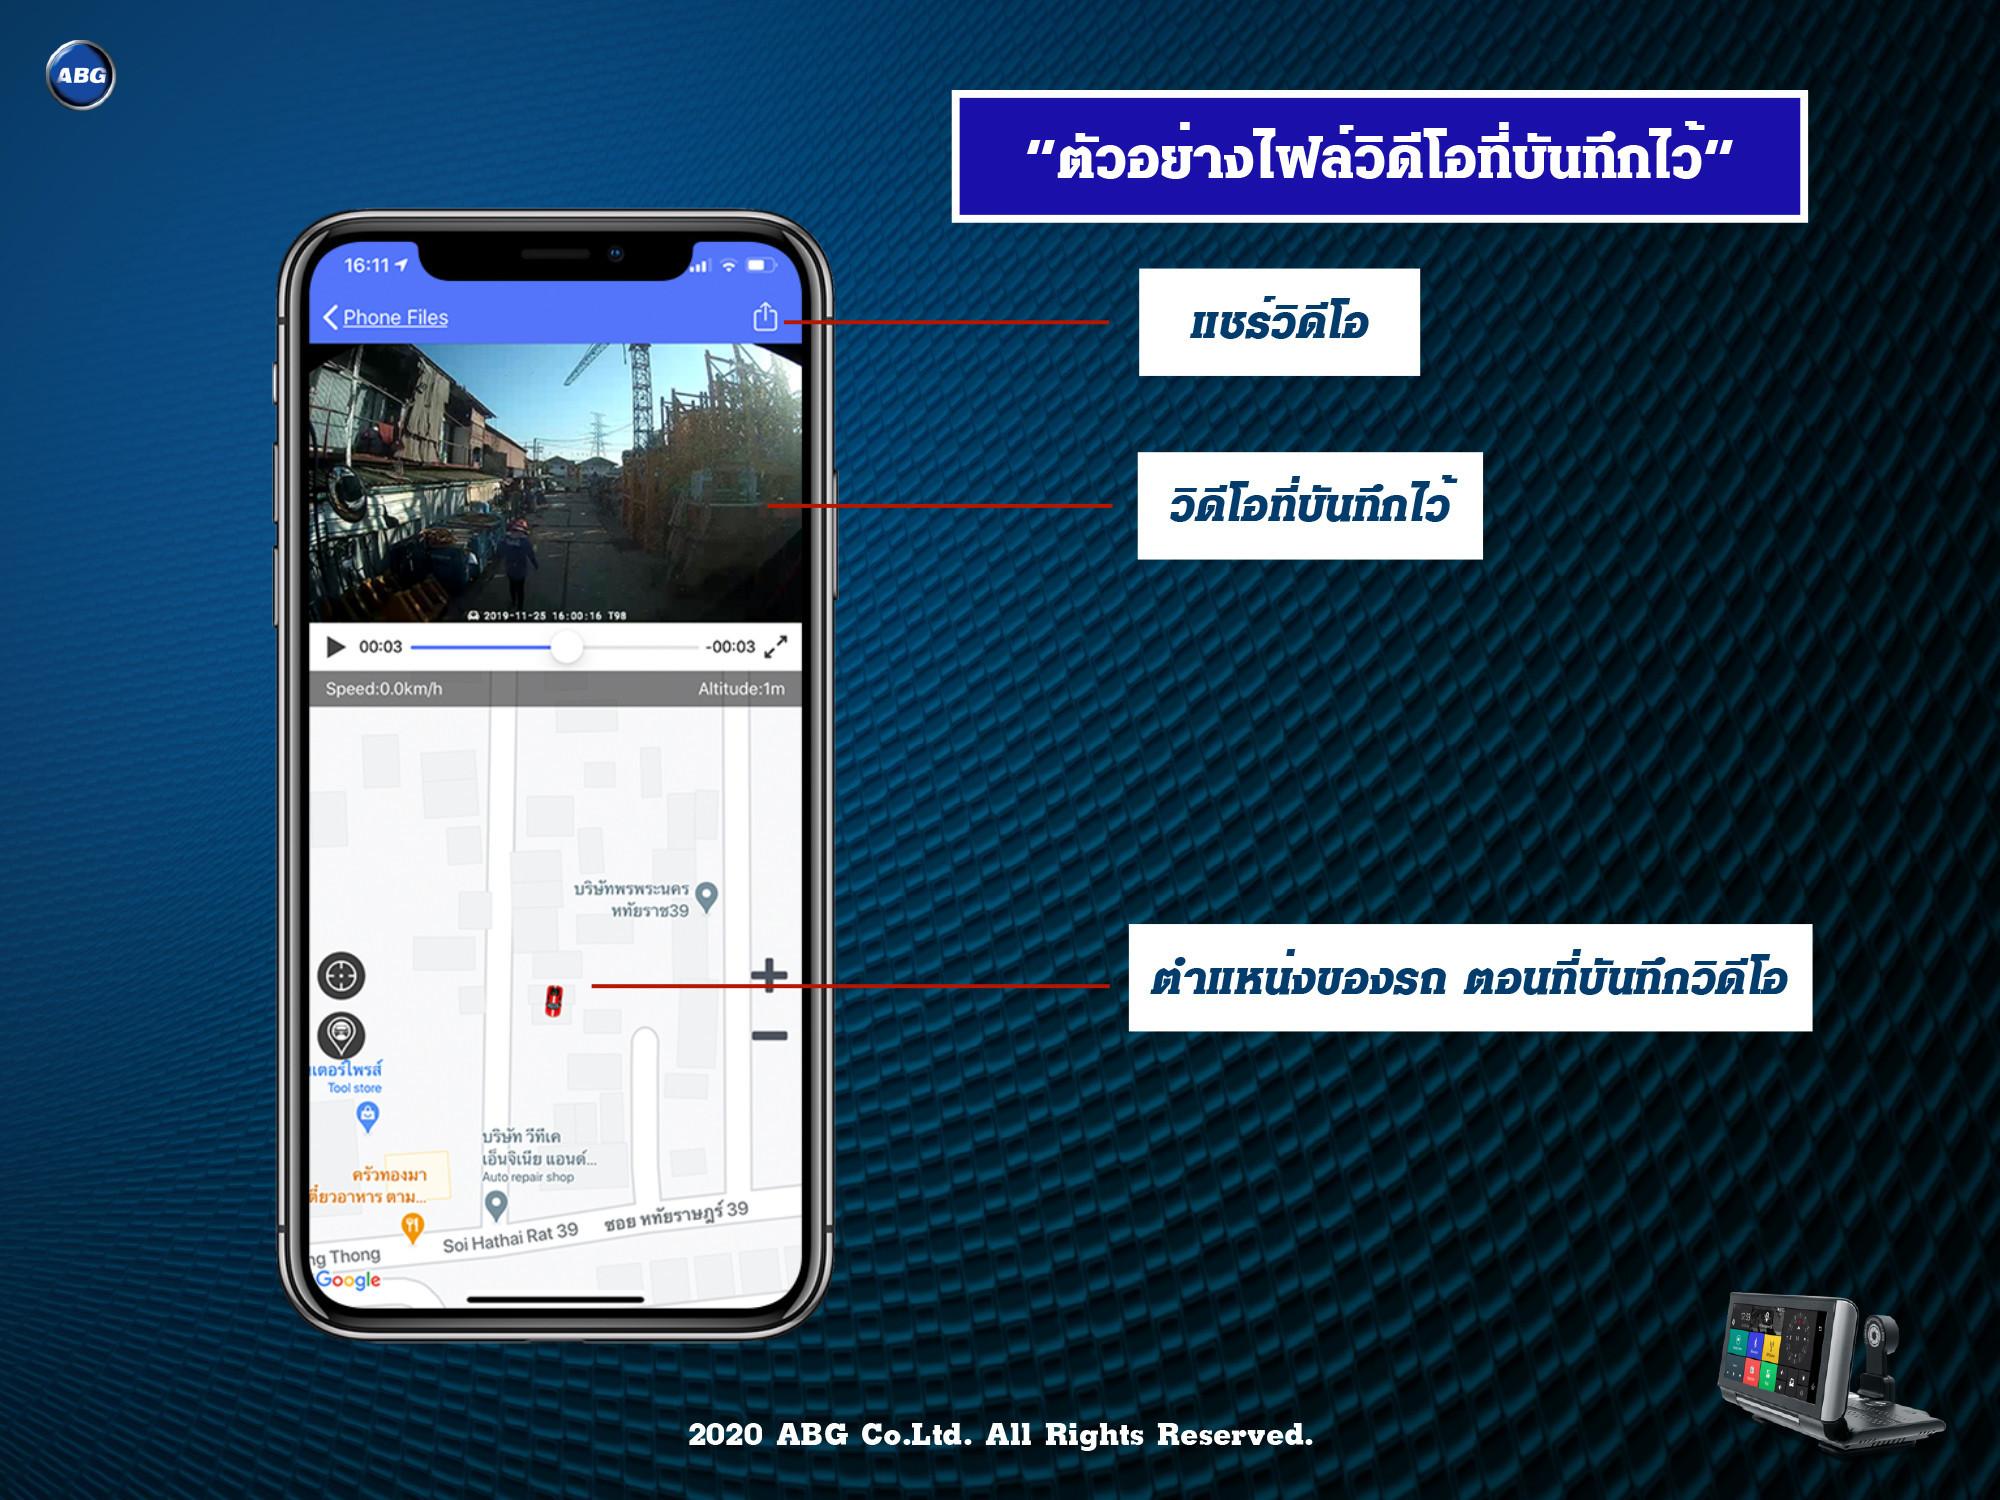 กล้องจอกระจกอัจฉริยะ กล้องบันทึกภาพ กล้อง360องศา กล้องติดรถเชื่อมต่อwifi กล้องติดรถดูผ่านมือถือ กล้องติดรถ4G